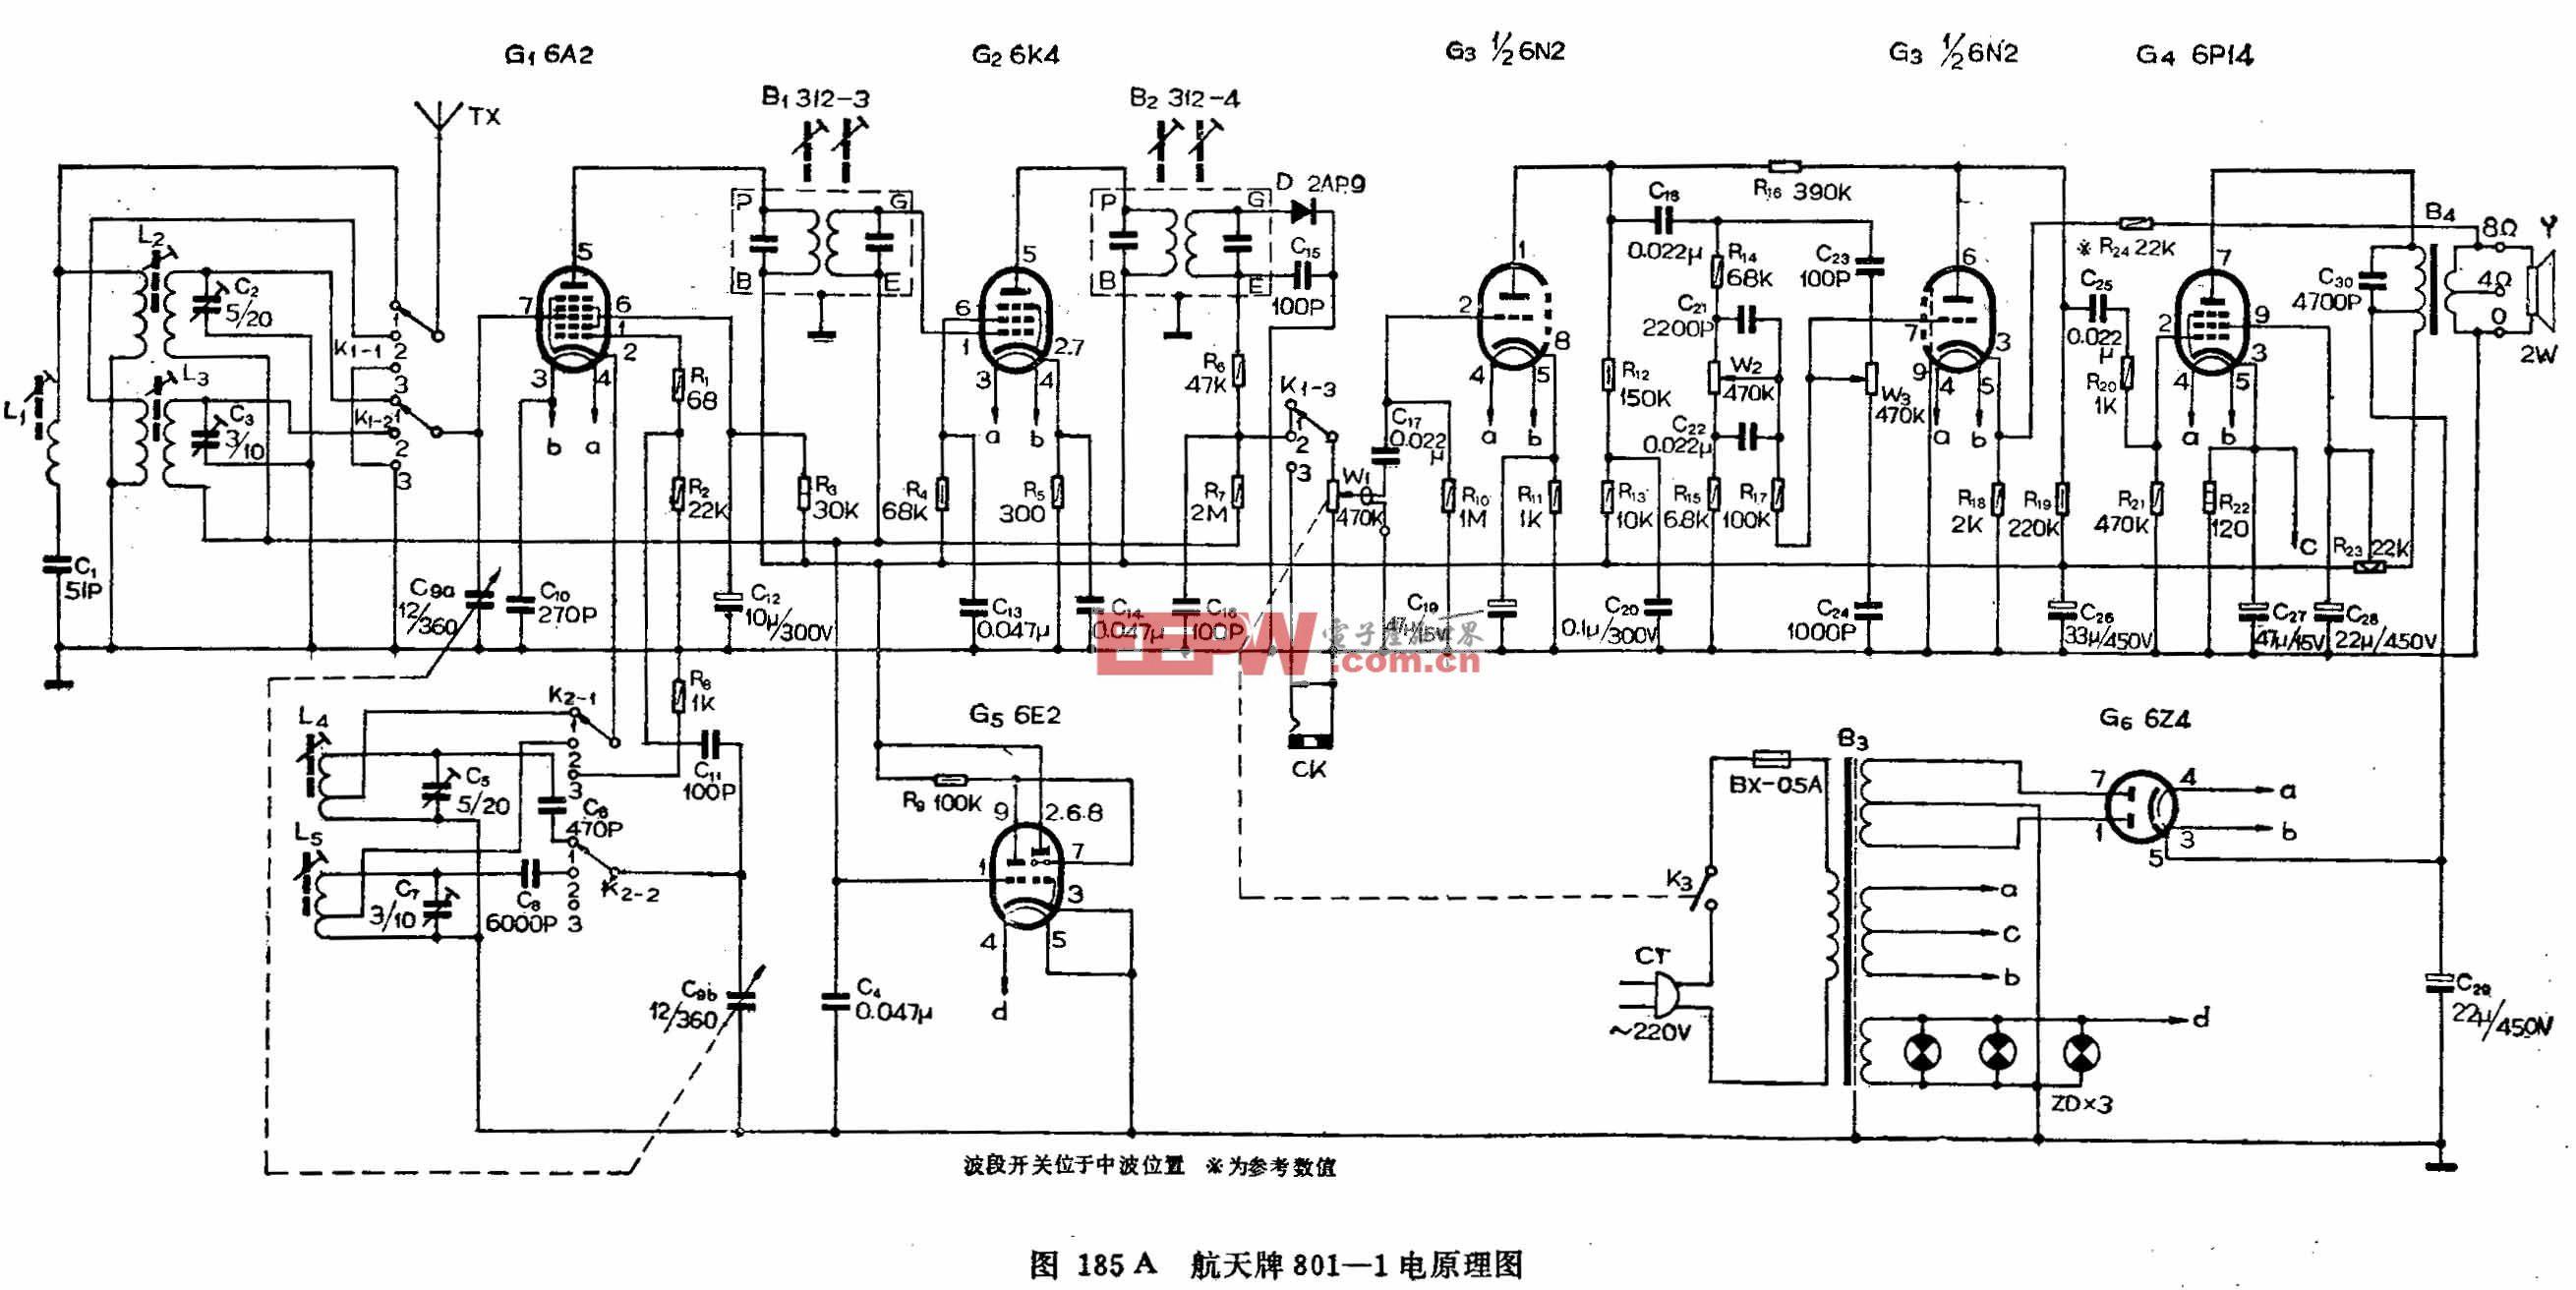 六燈電子管二波段收音機-航天牌801-1型電子管收音機